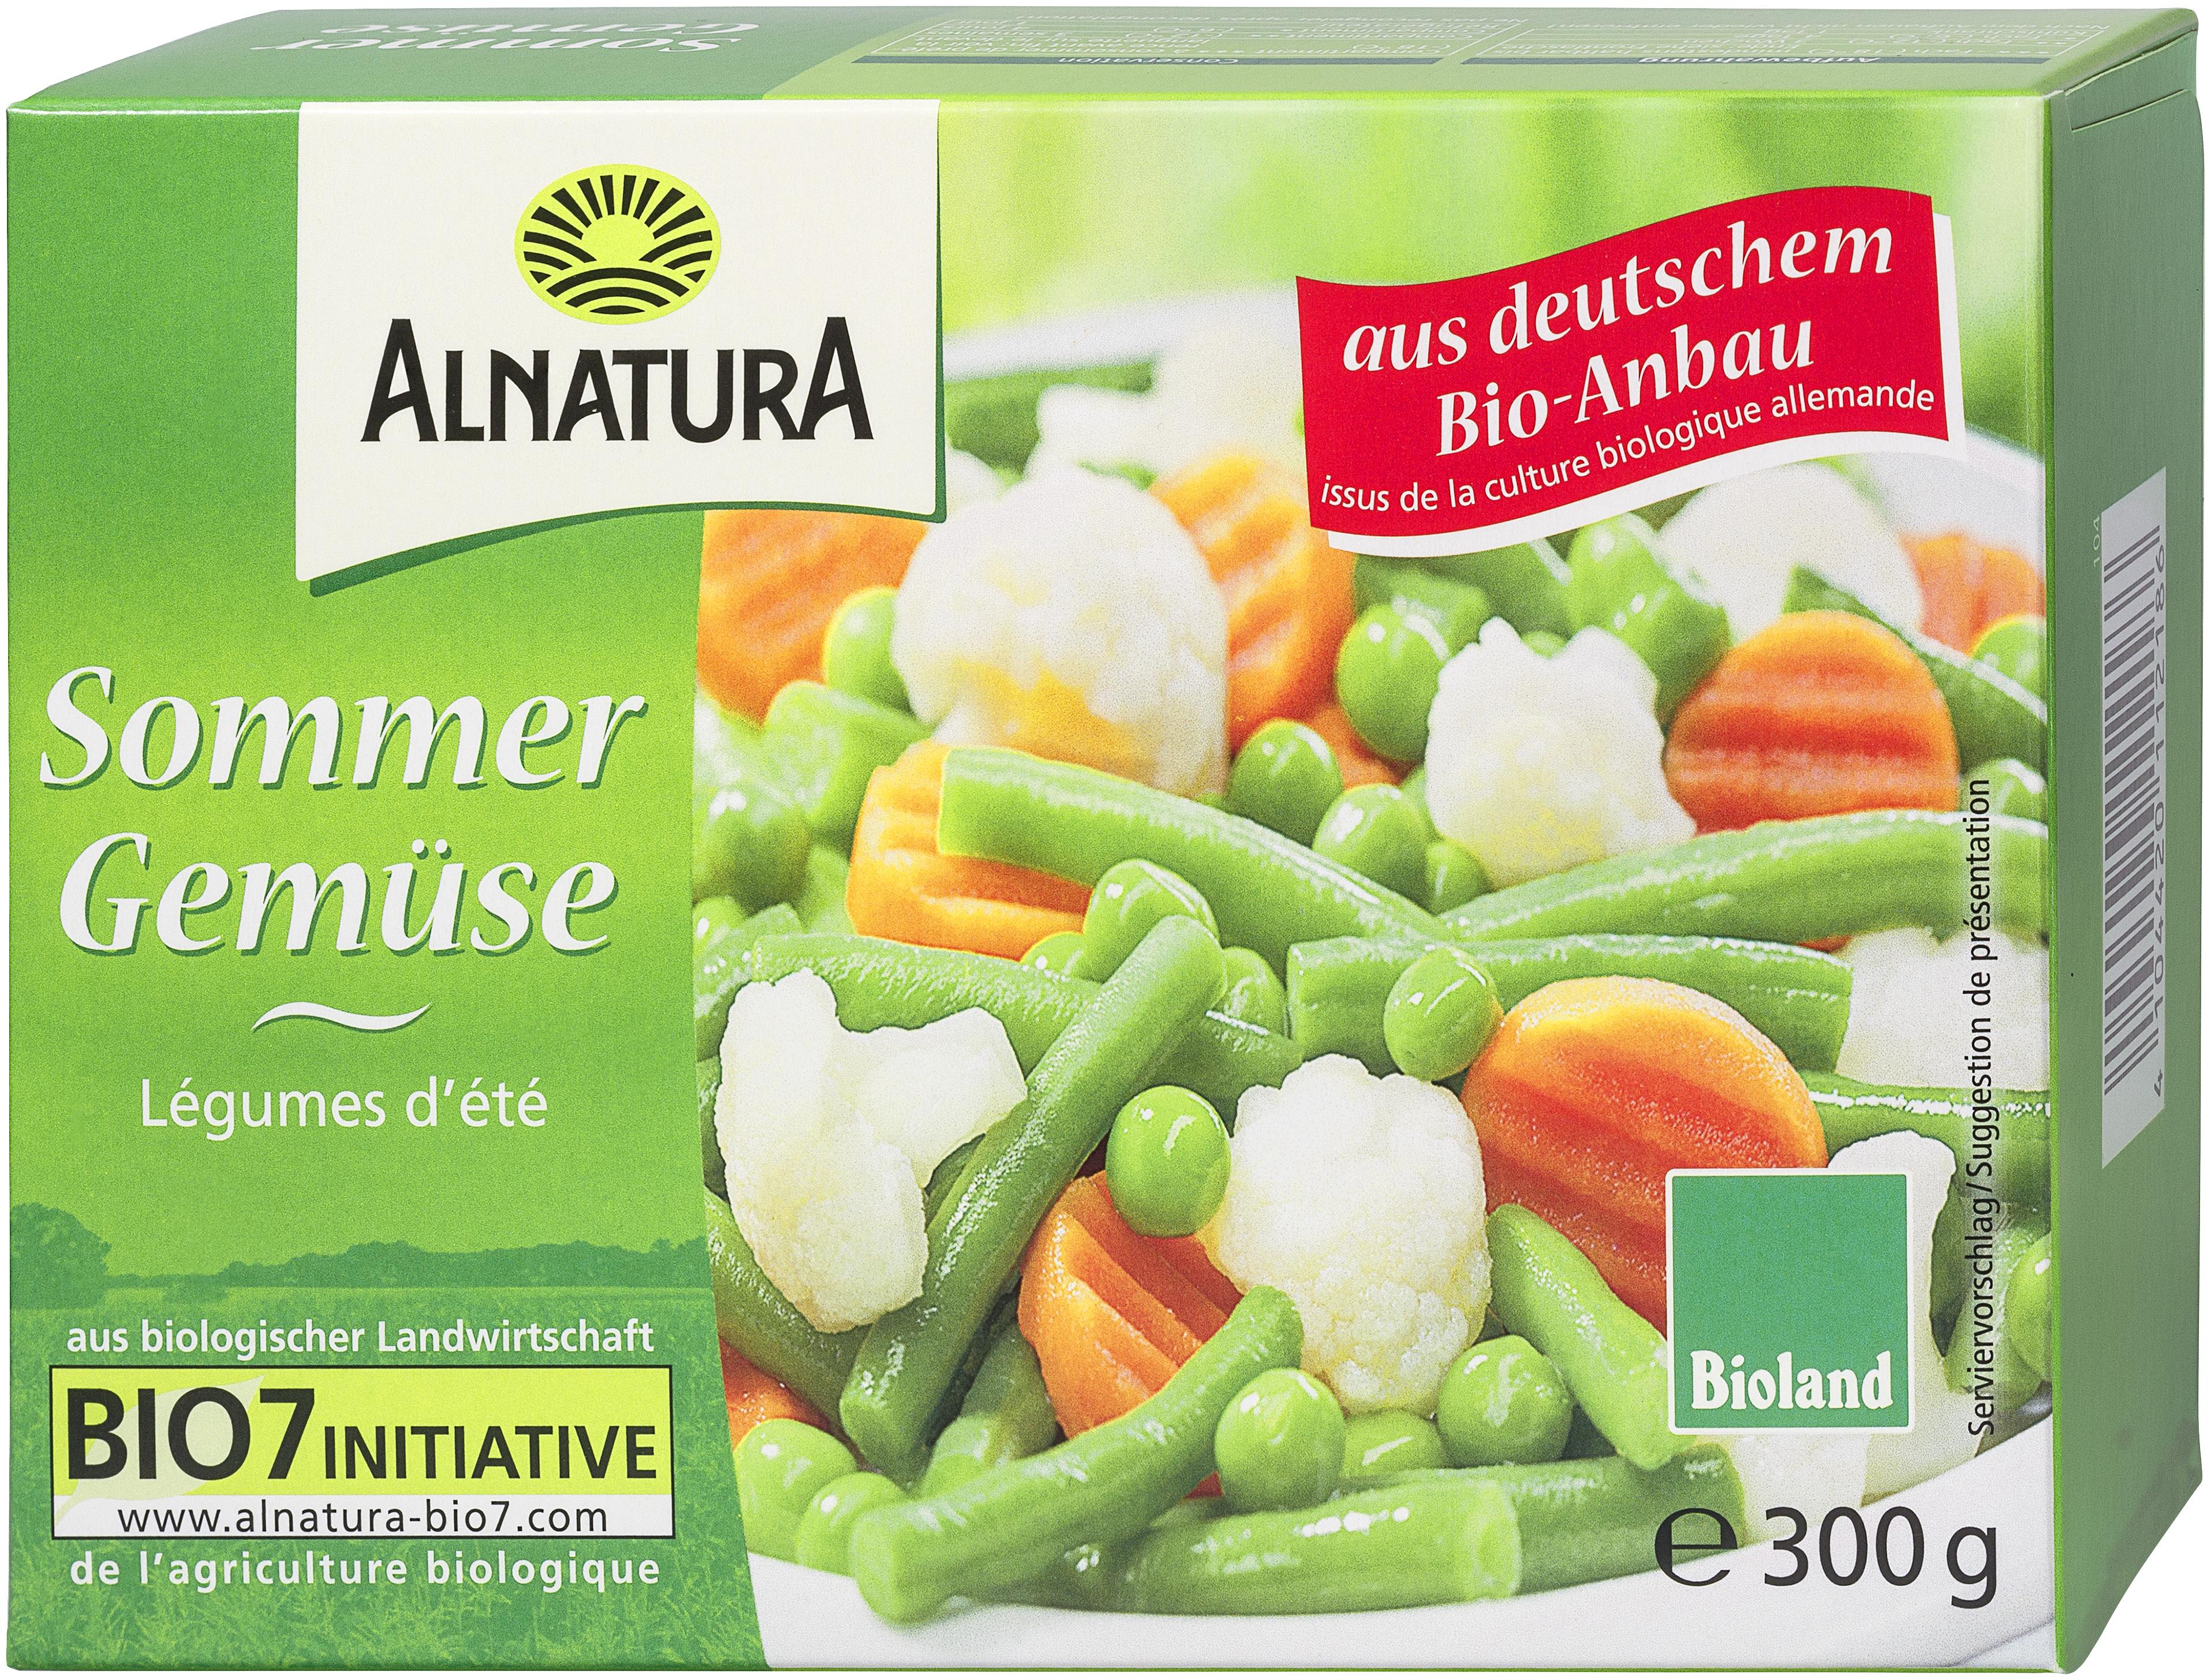 Sommergemüse TK 8 g in Bio Qualität von Alnatura